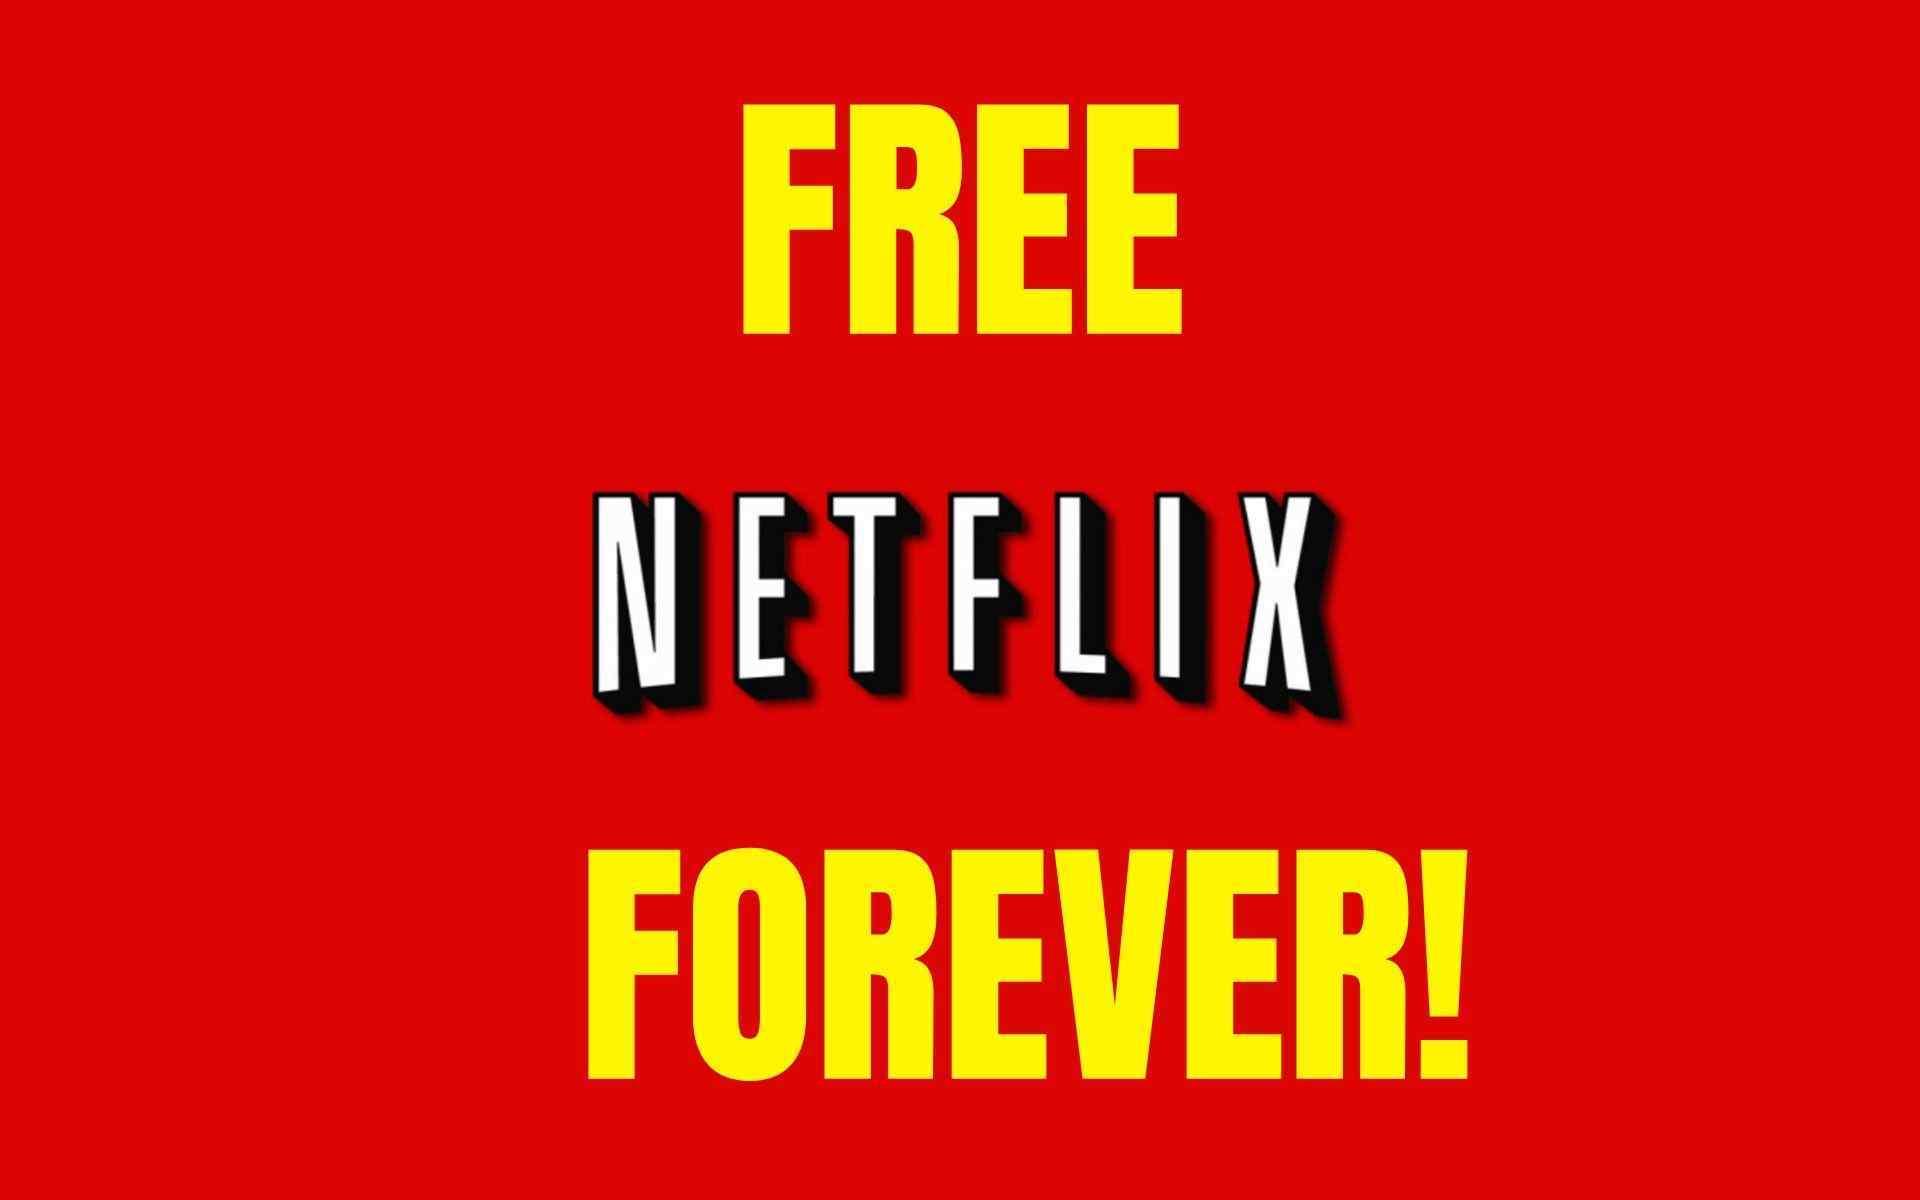 Got Netflix